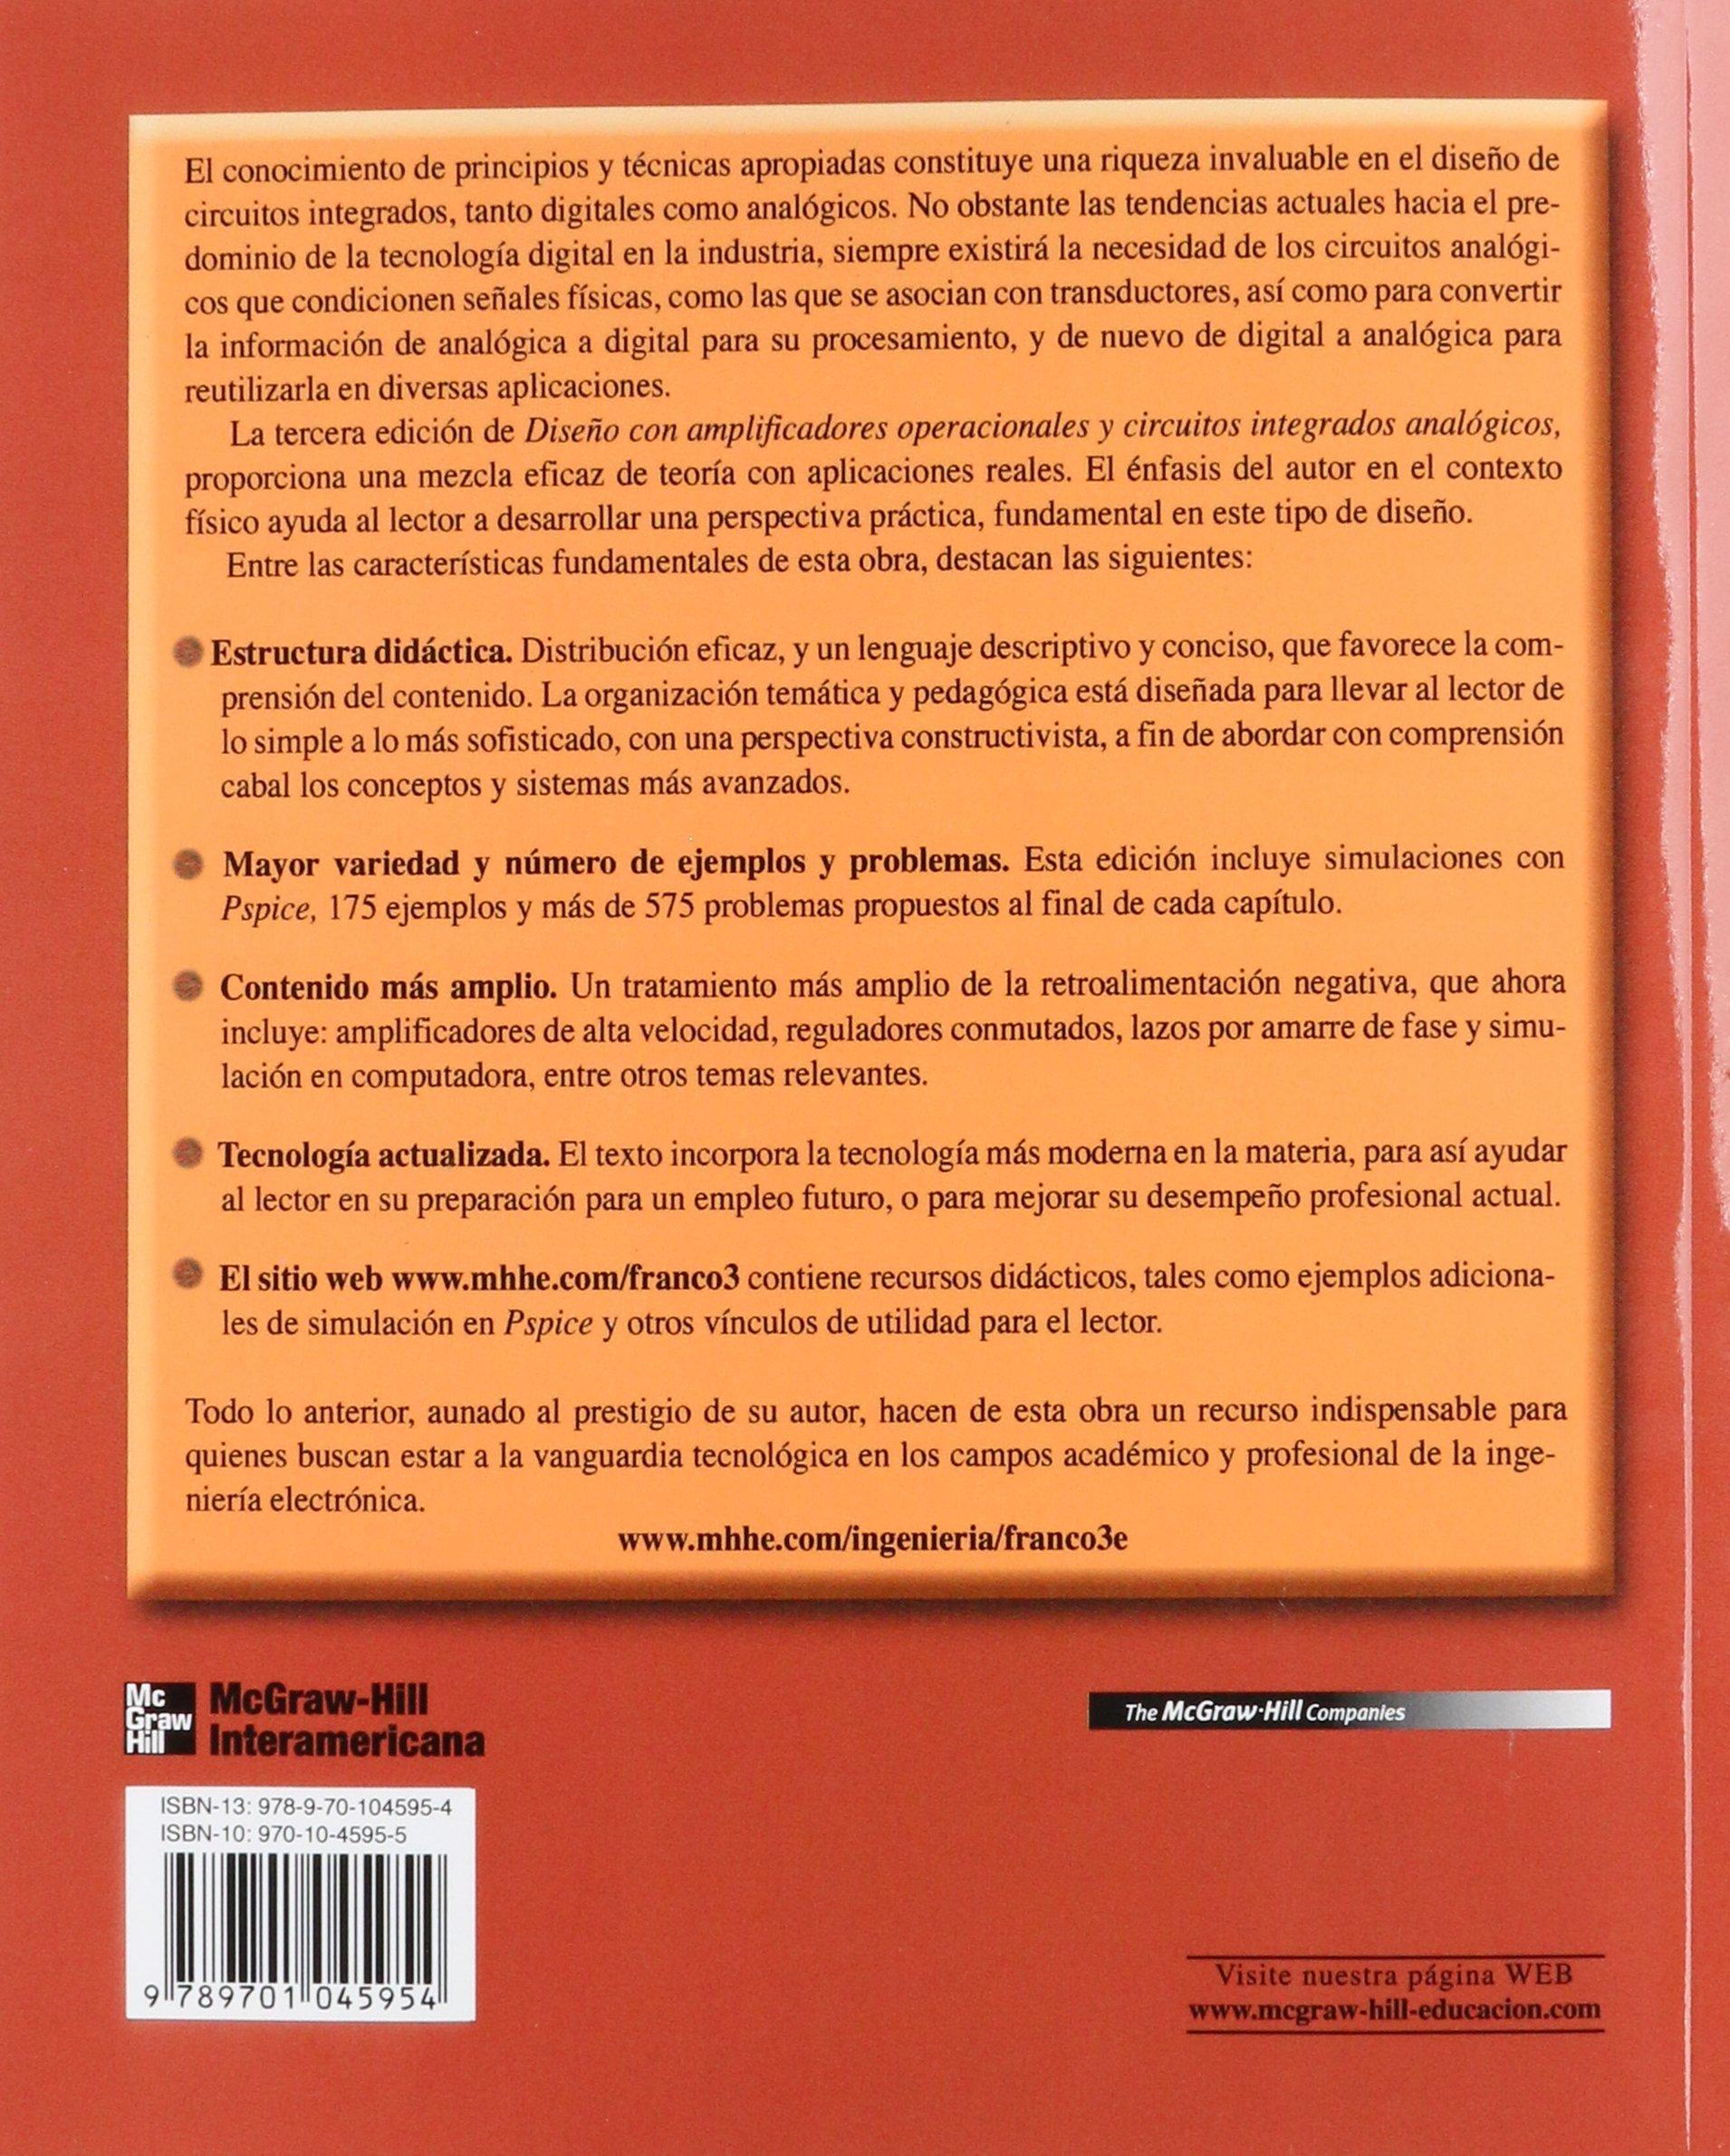 DISENO CON AMPLIFICADORES OPERACIONALES: Varios: 9789701045954: Amazon.com: Books